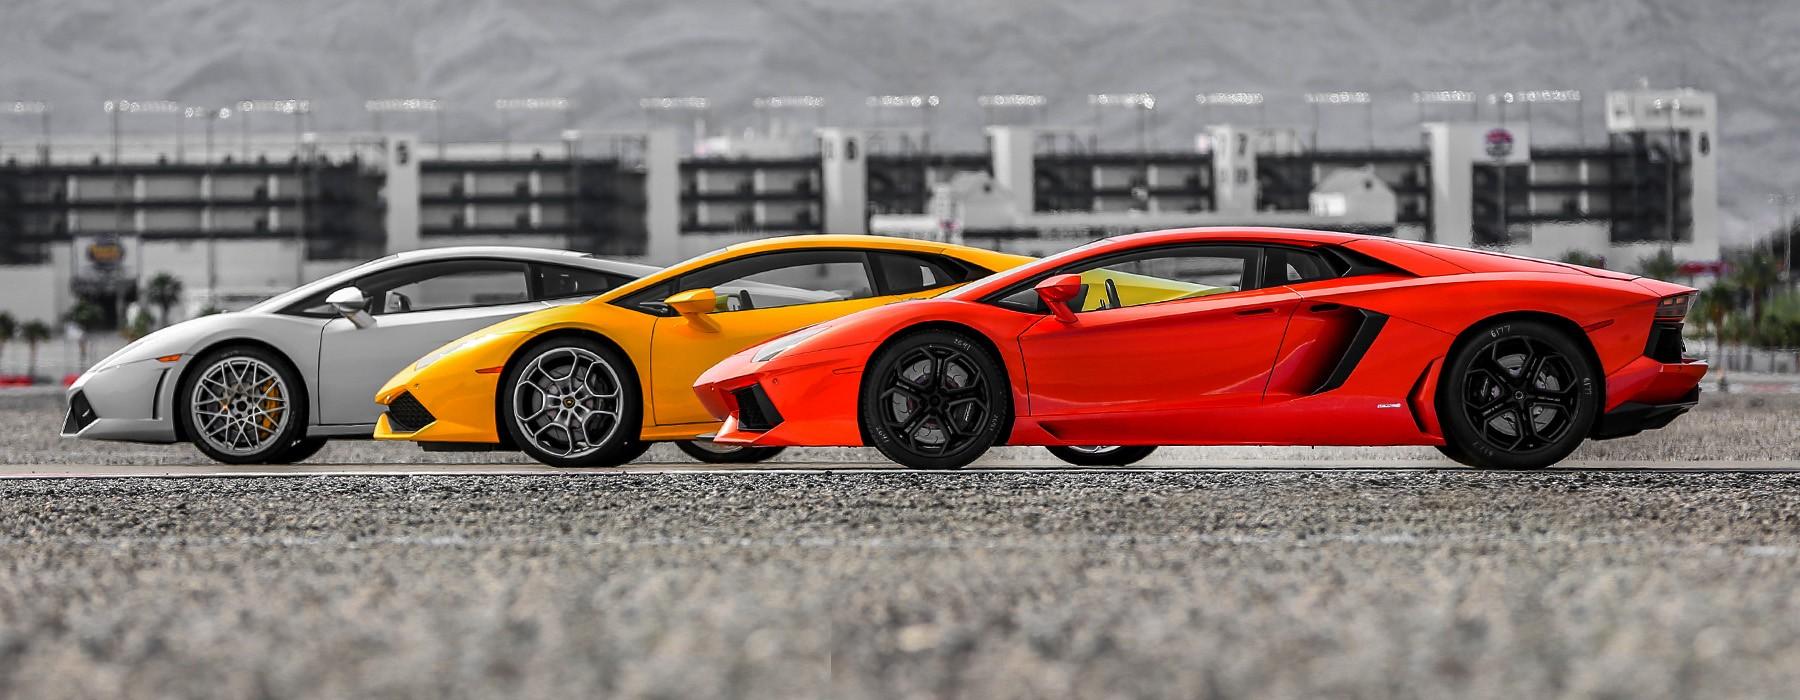 Clamoroso: Volkswagen potrebbe vendere o scorporare Lamborghini thumbnail